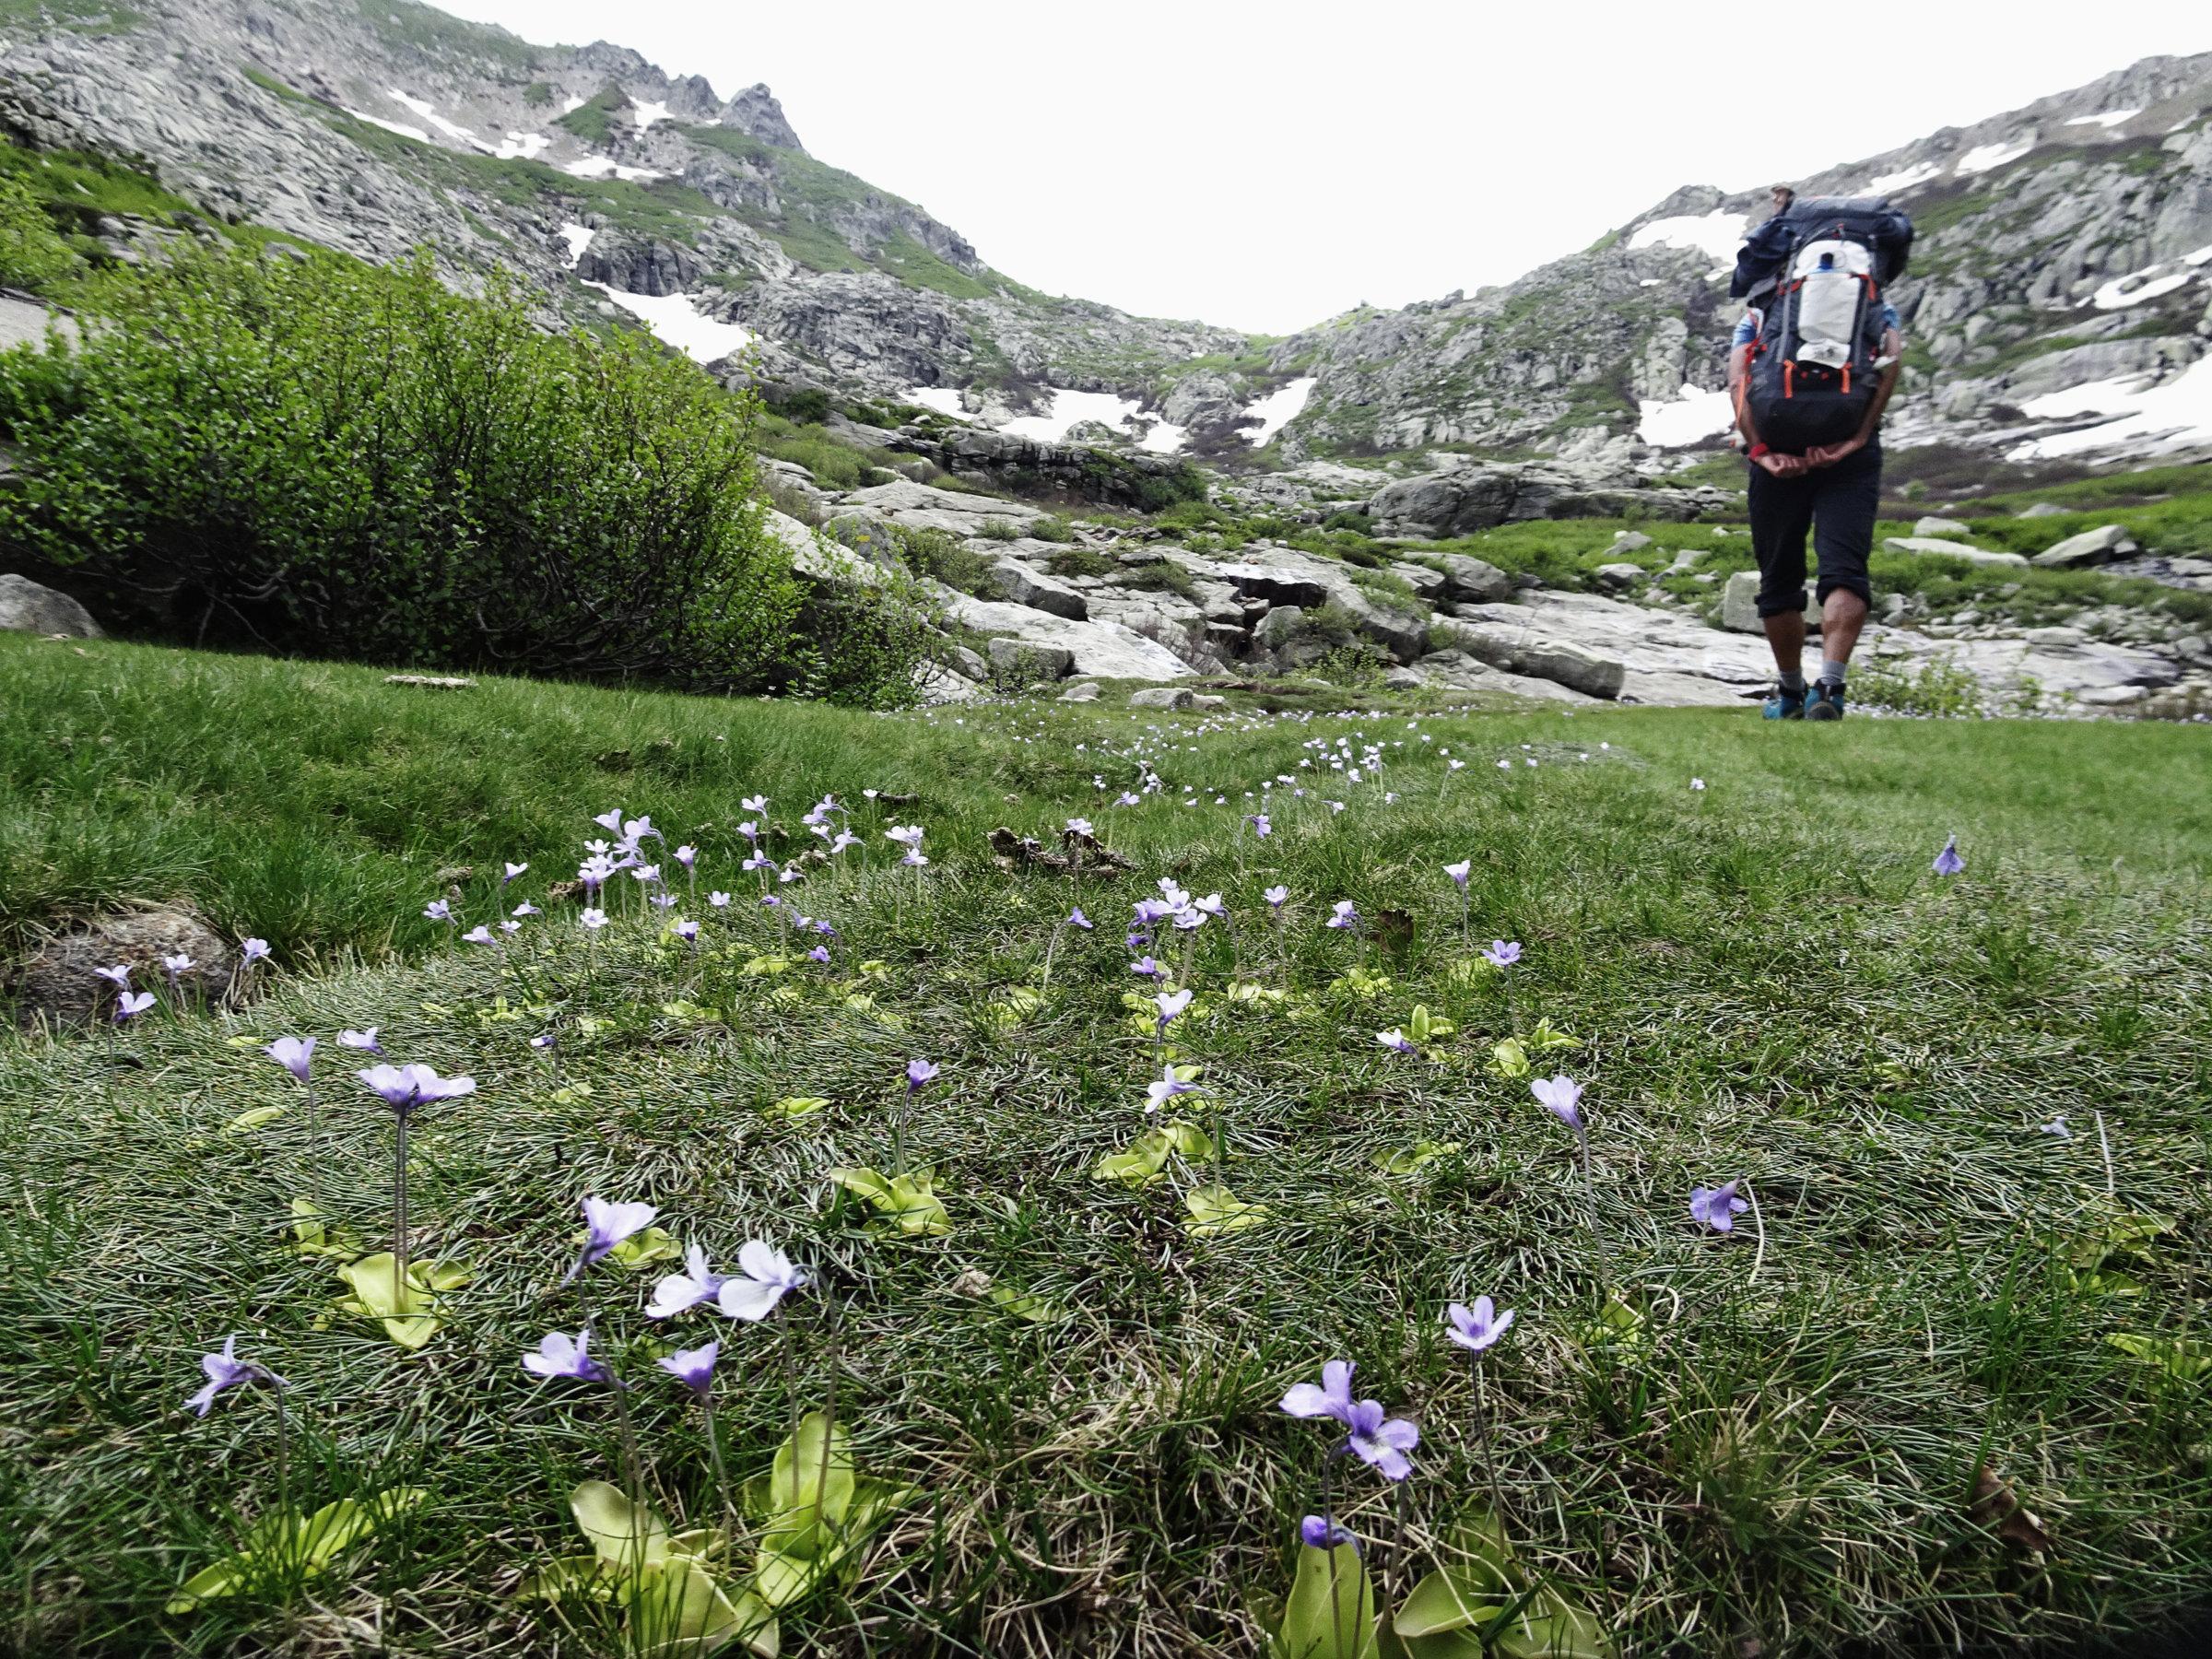 Korsische Fettpflanzen (fleischfressende Pflanzen), Korsika, GR20 Weitwanderweg, Wandern, Berge, Frankreich